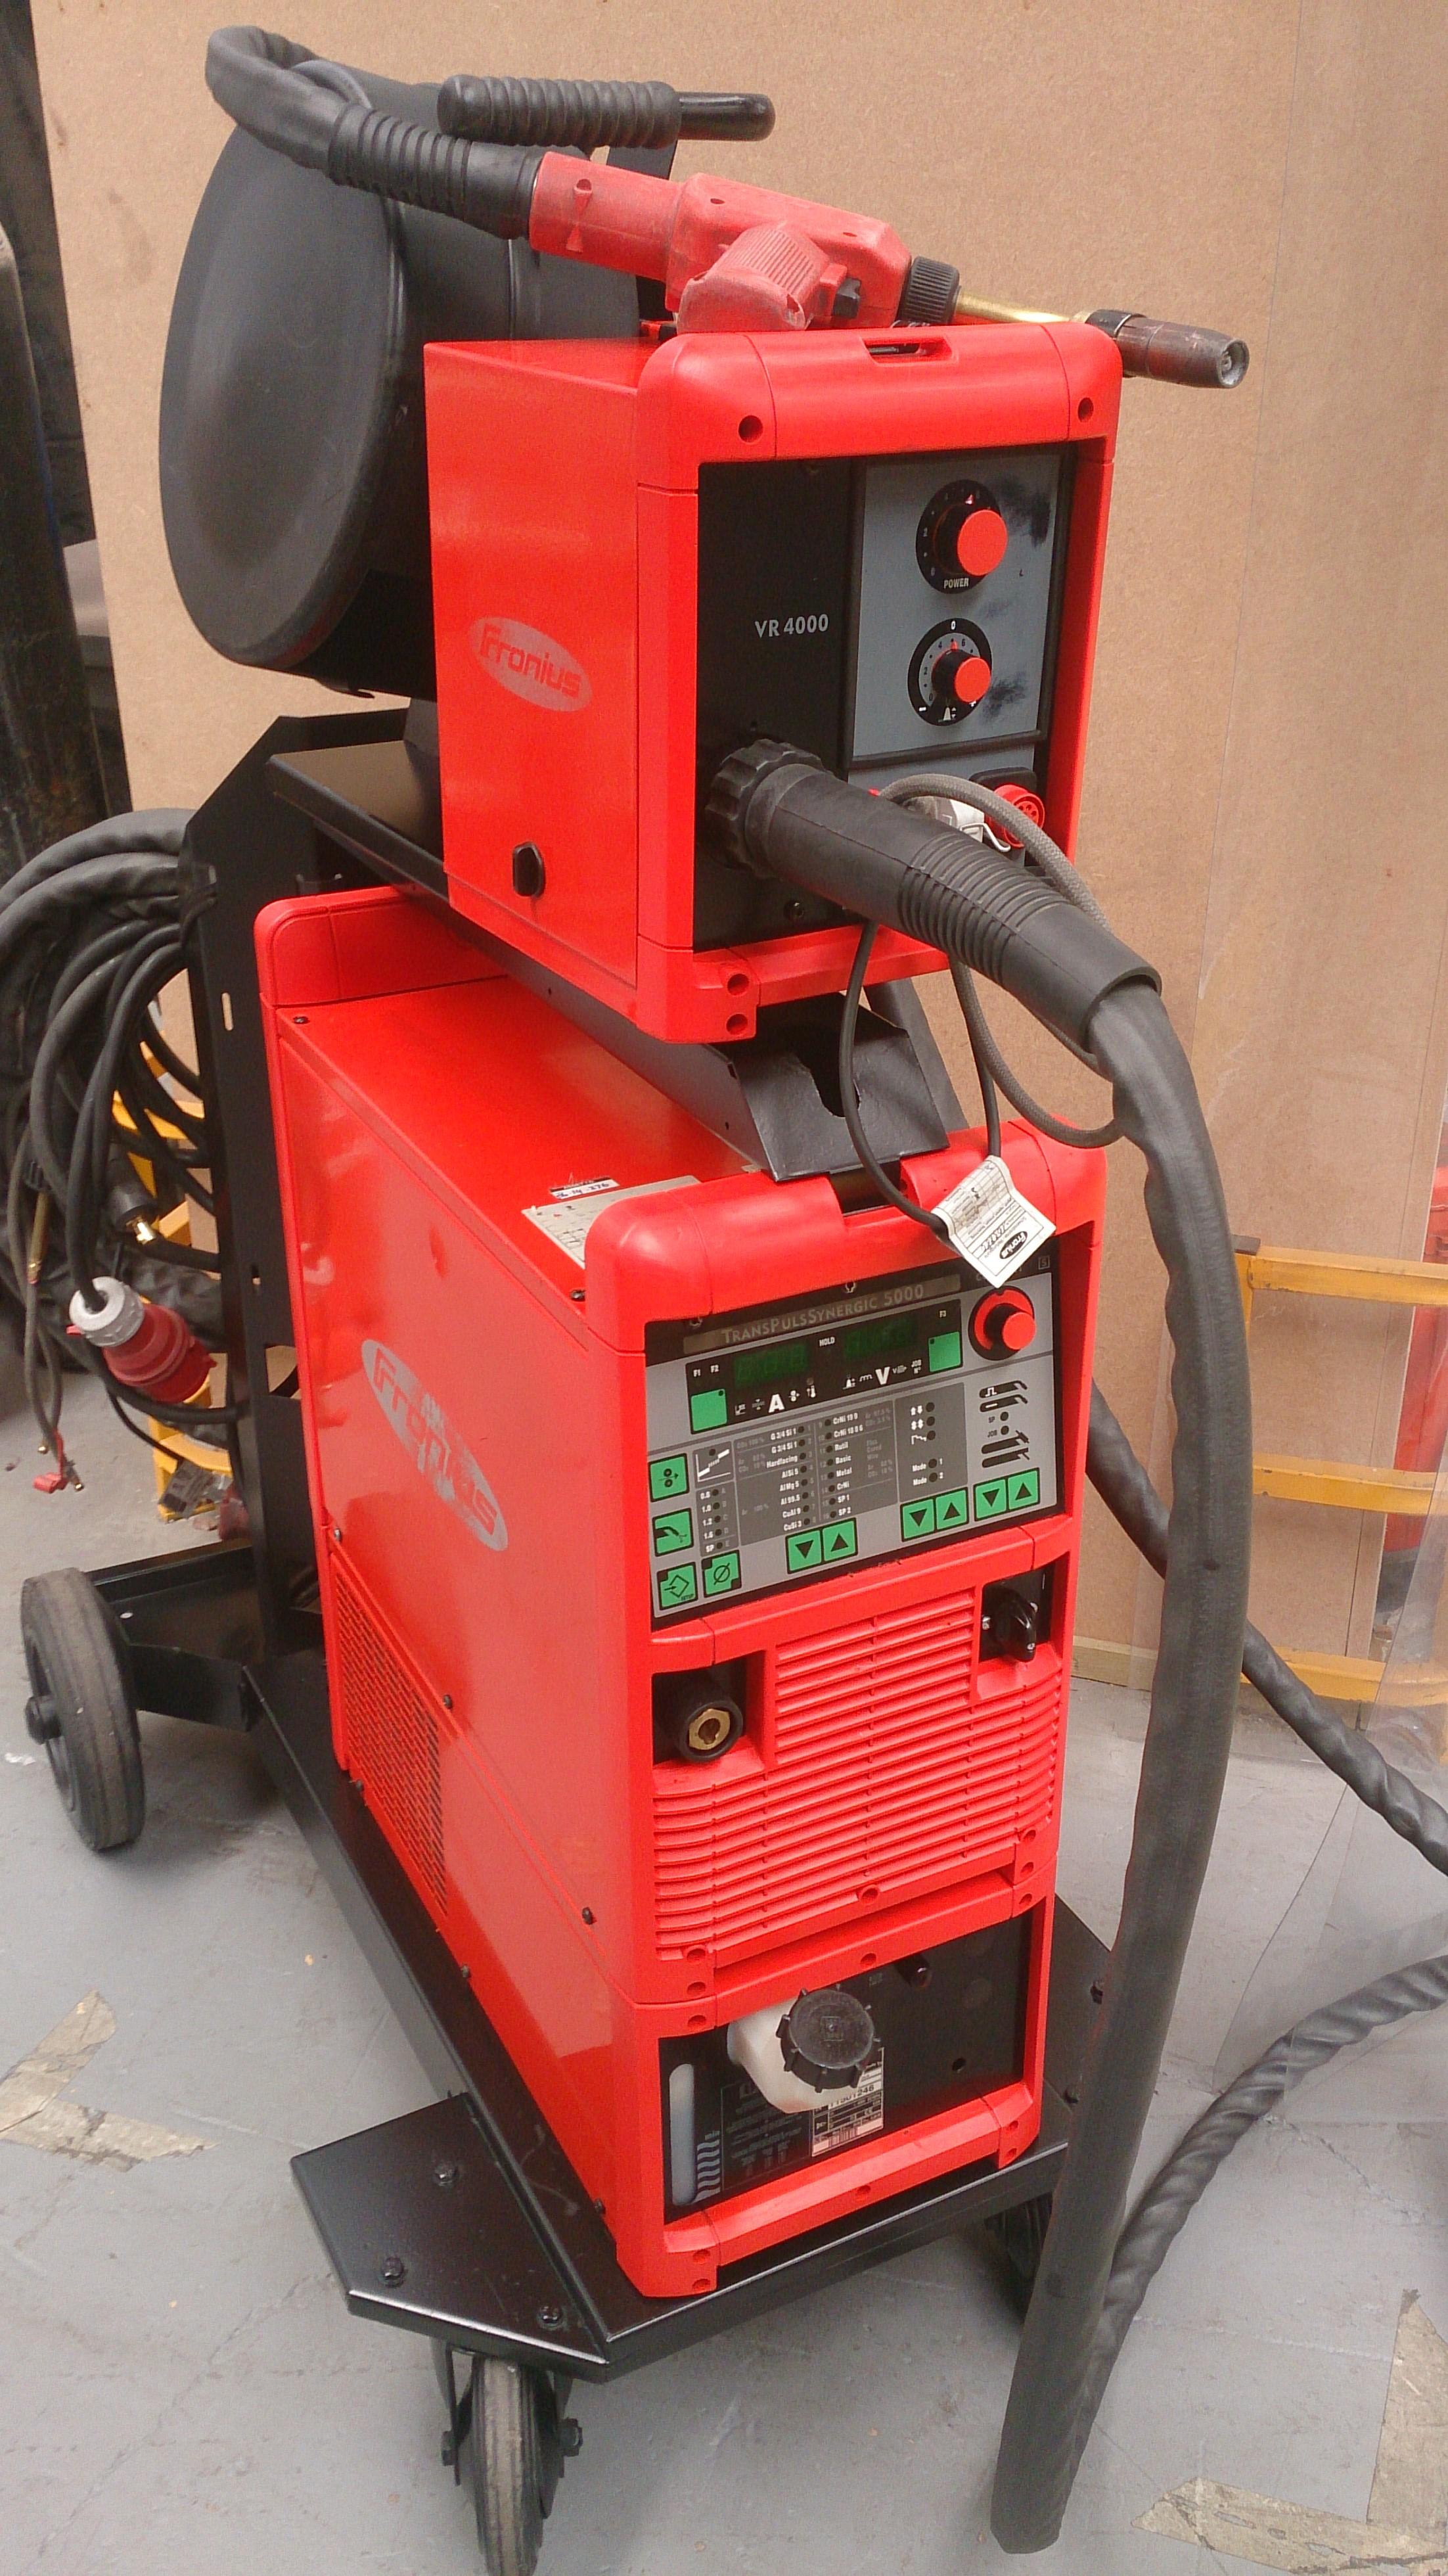 Fronius welding equipment rentals